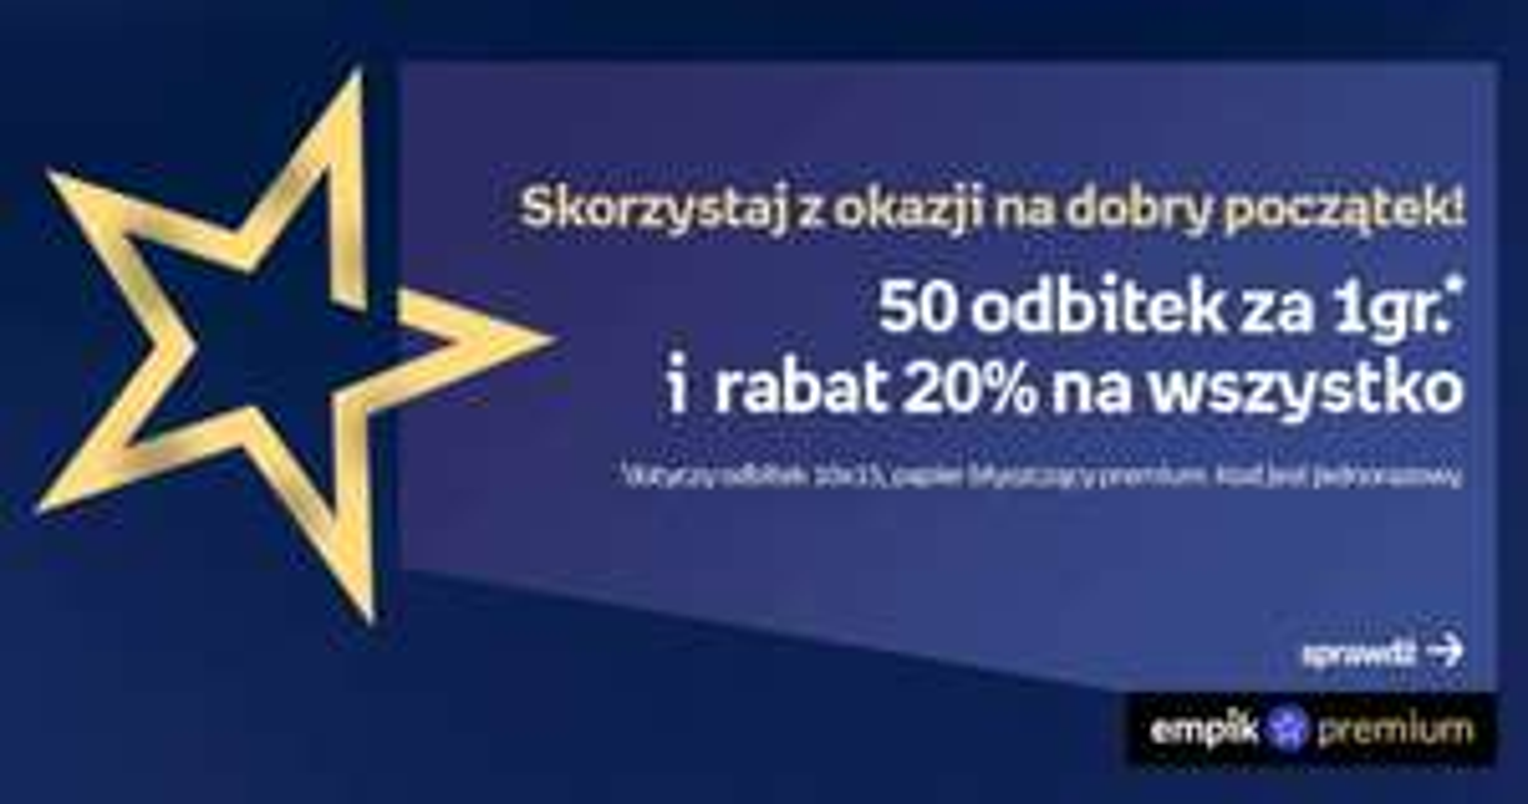 50 odbitek 10x15 premium po 0.21 PLN (wliczając koszt abonamentu na 1 mies.) lub 0.01 dla posiadaczy abonamentu + dostęp do empik go